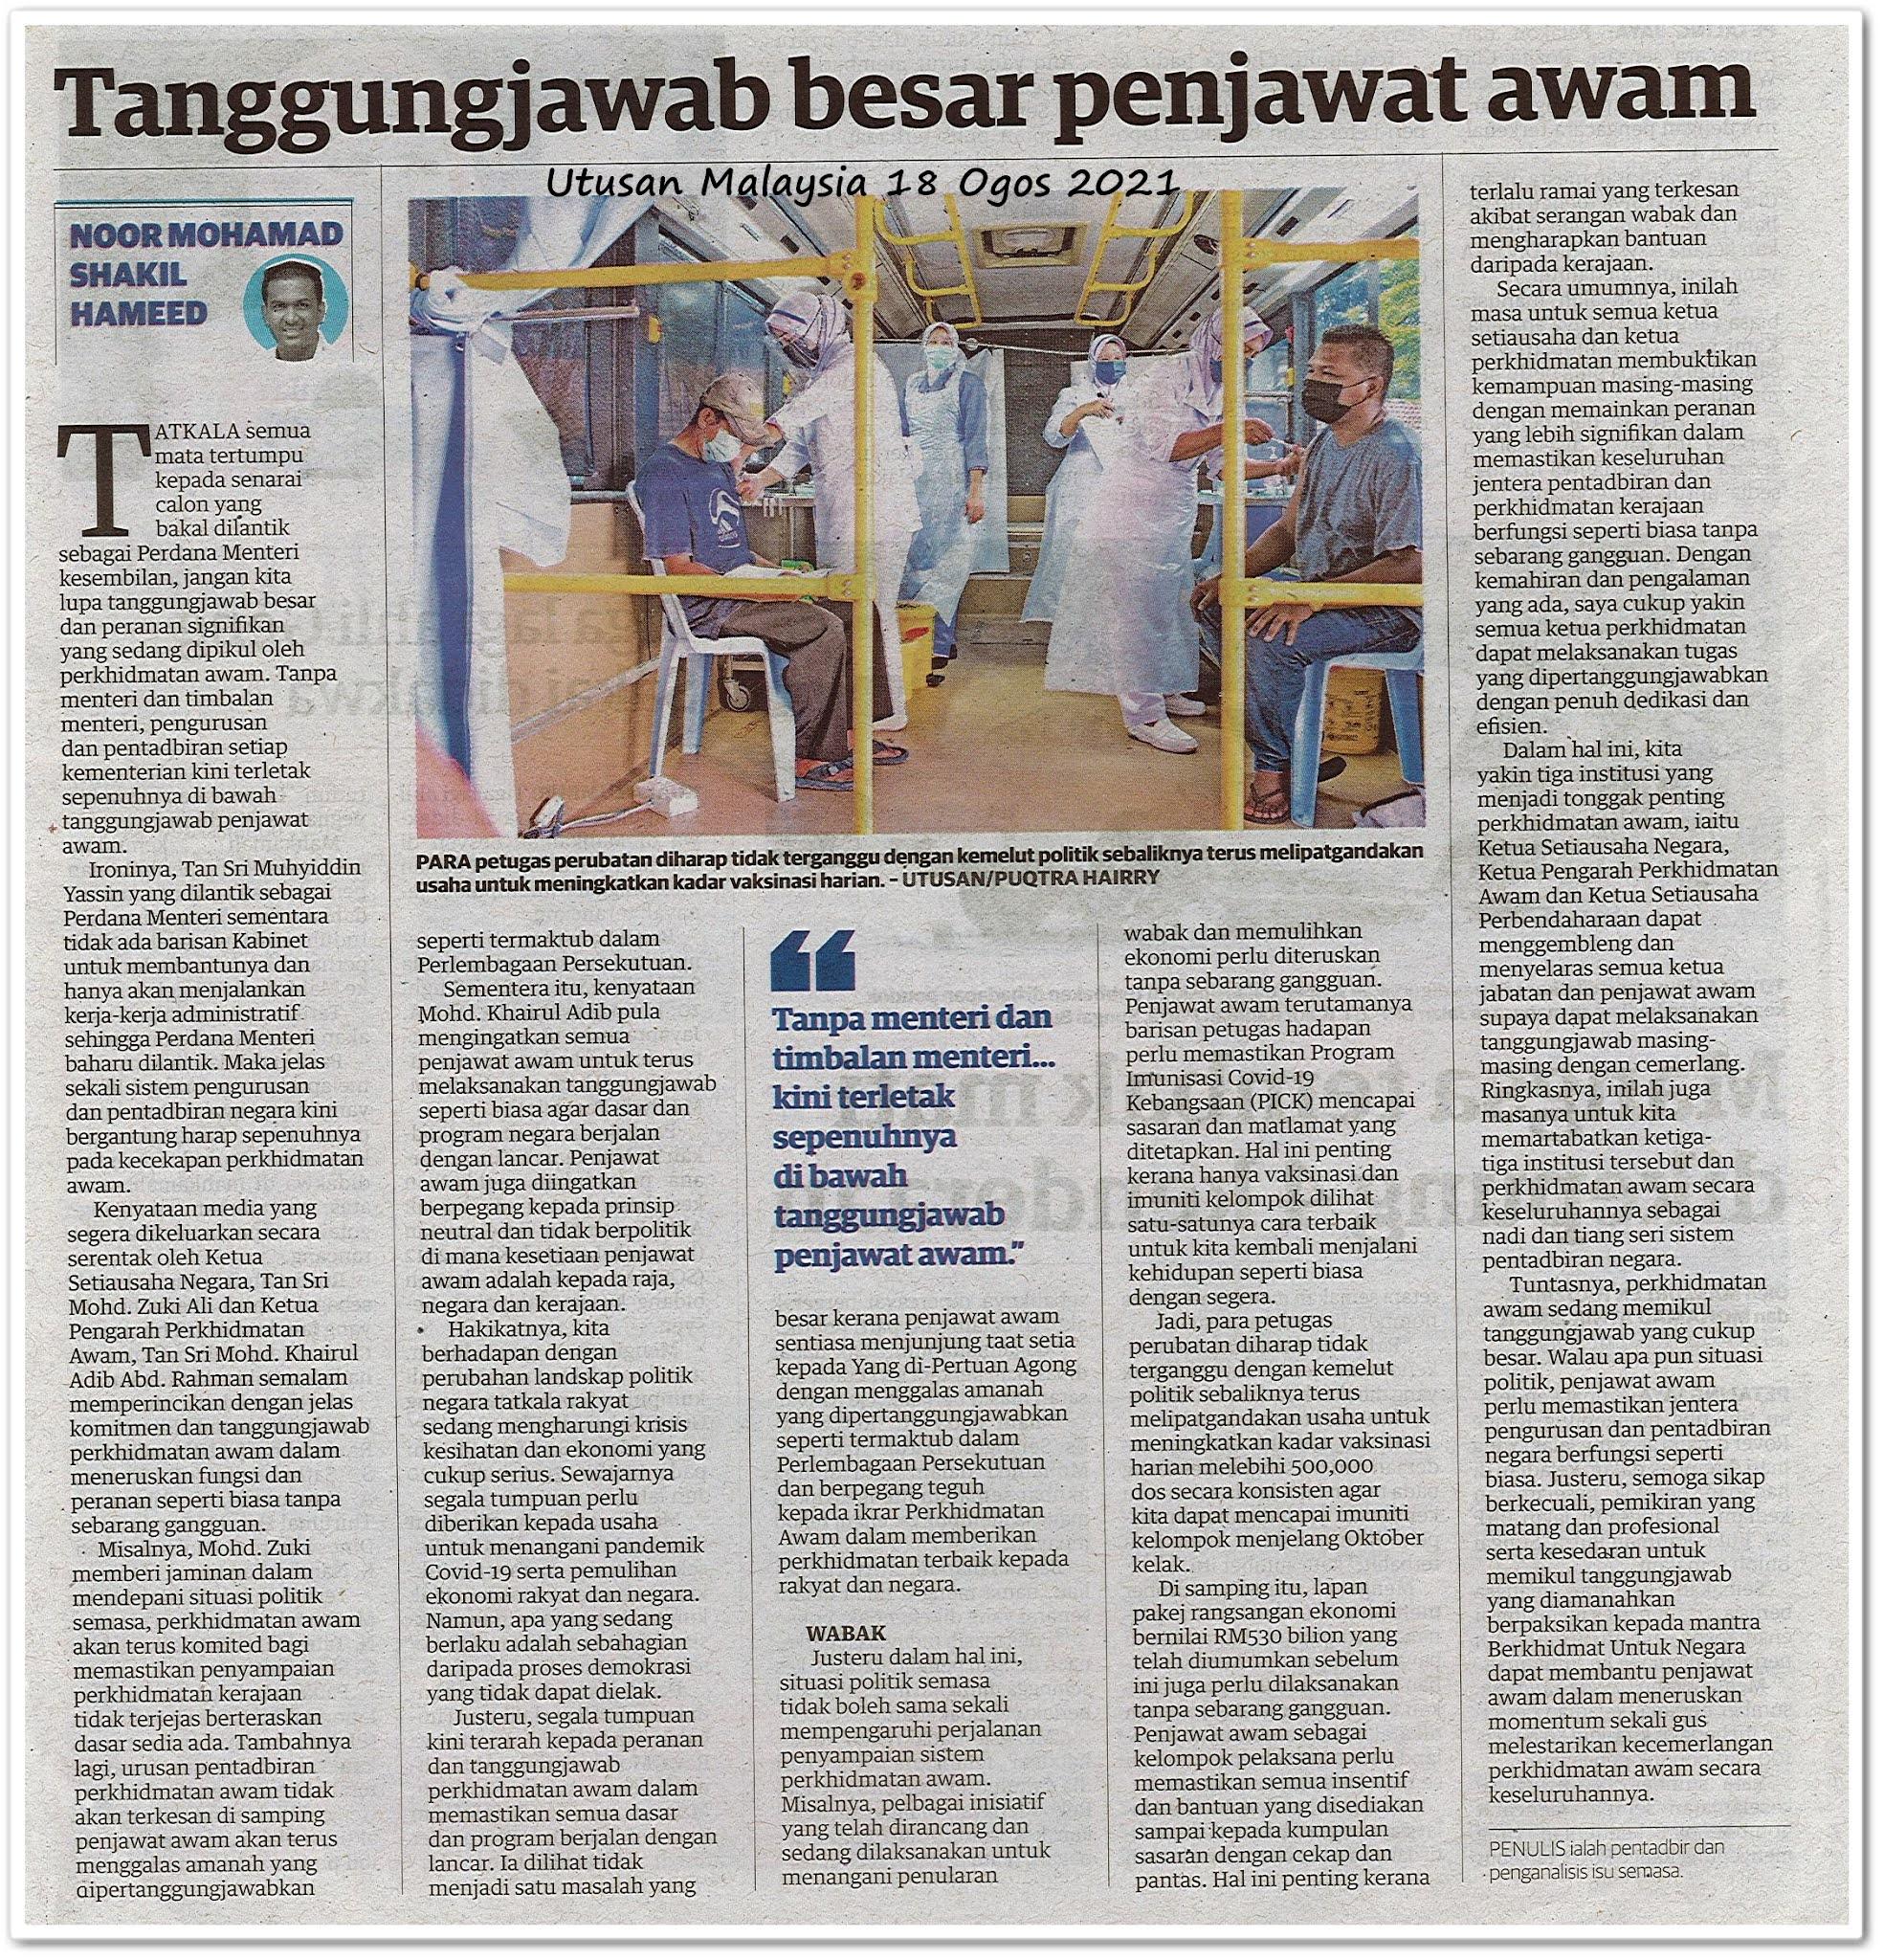 Tanggungjawab besar penjawat awam - Keratan akhbar Utusan Malaysia 18 Ogos 2021